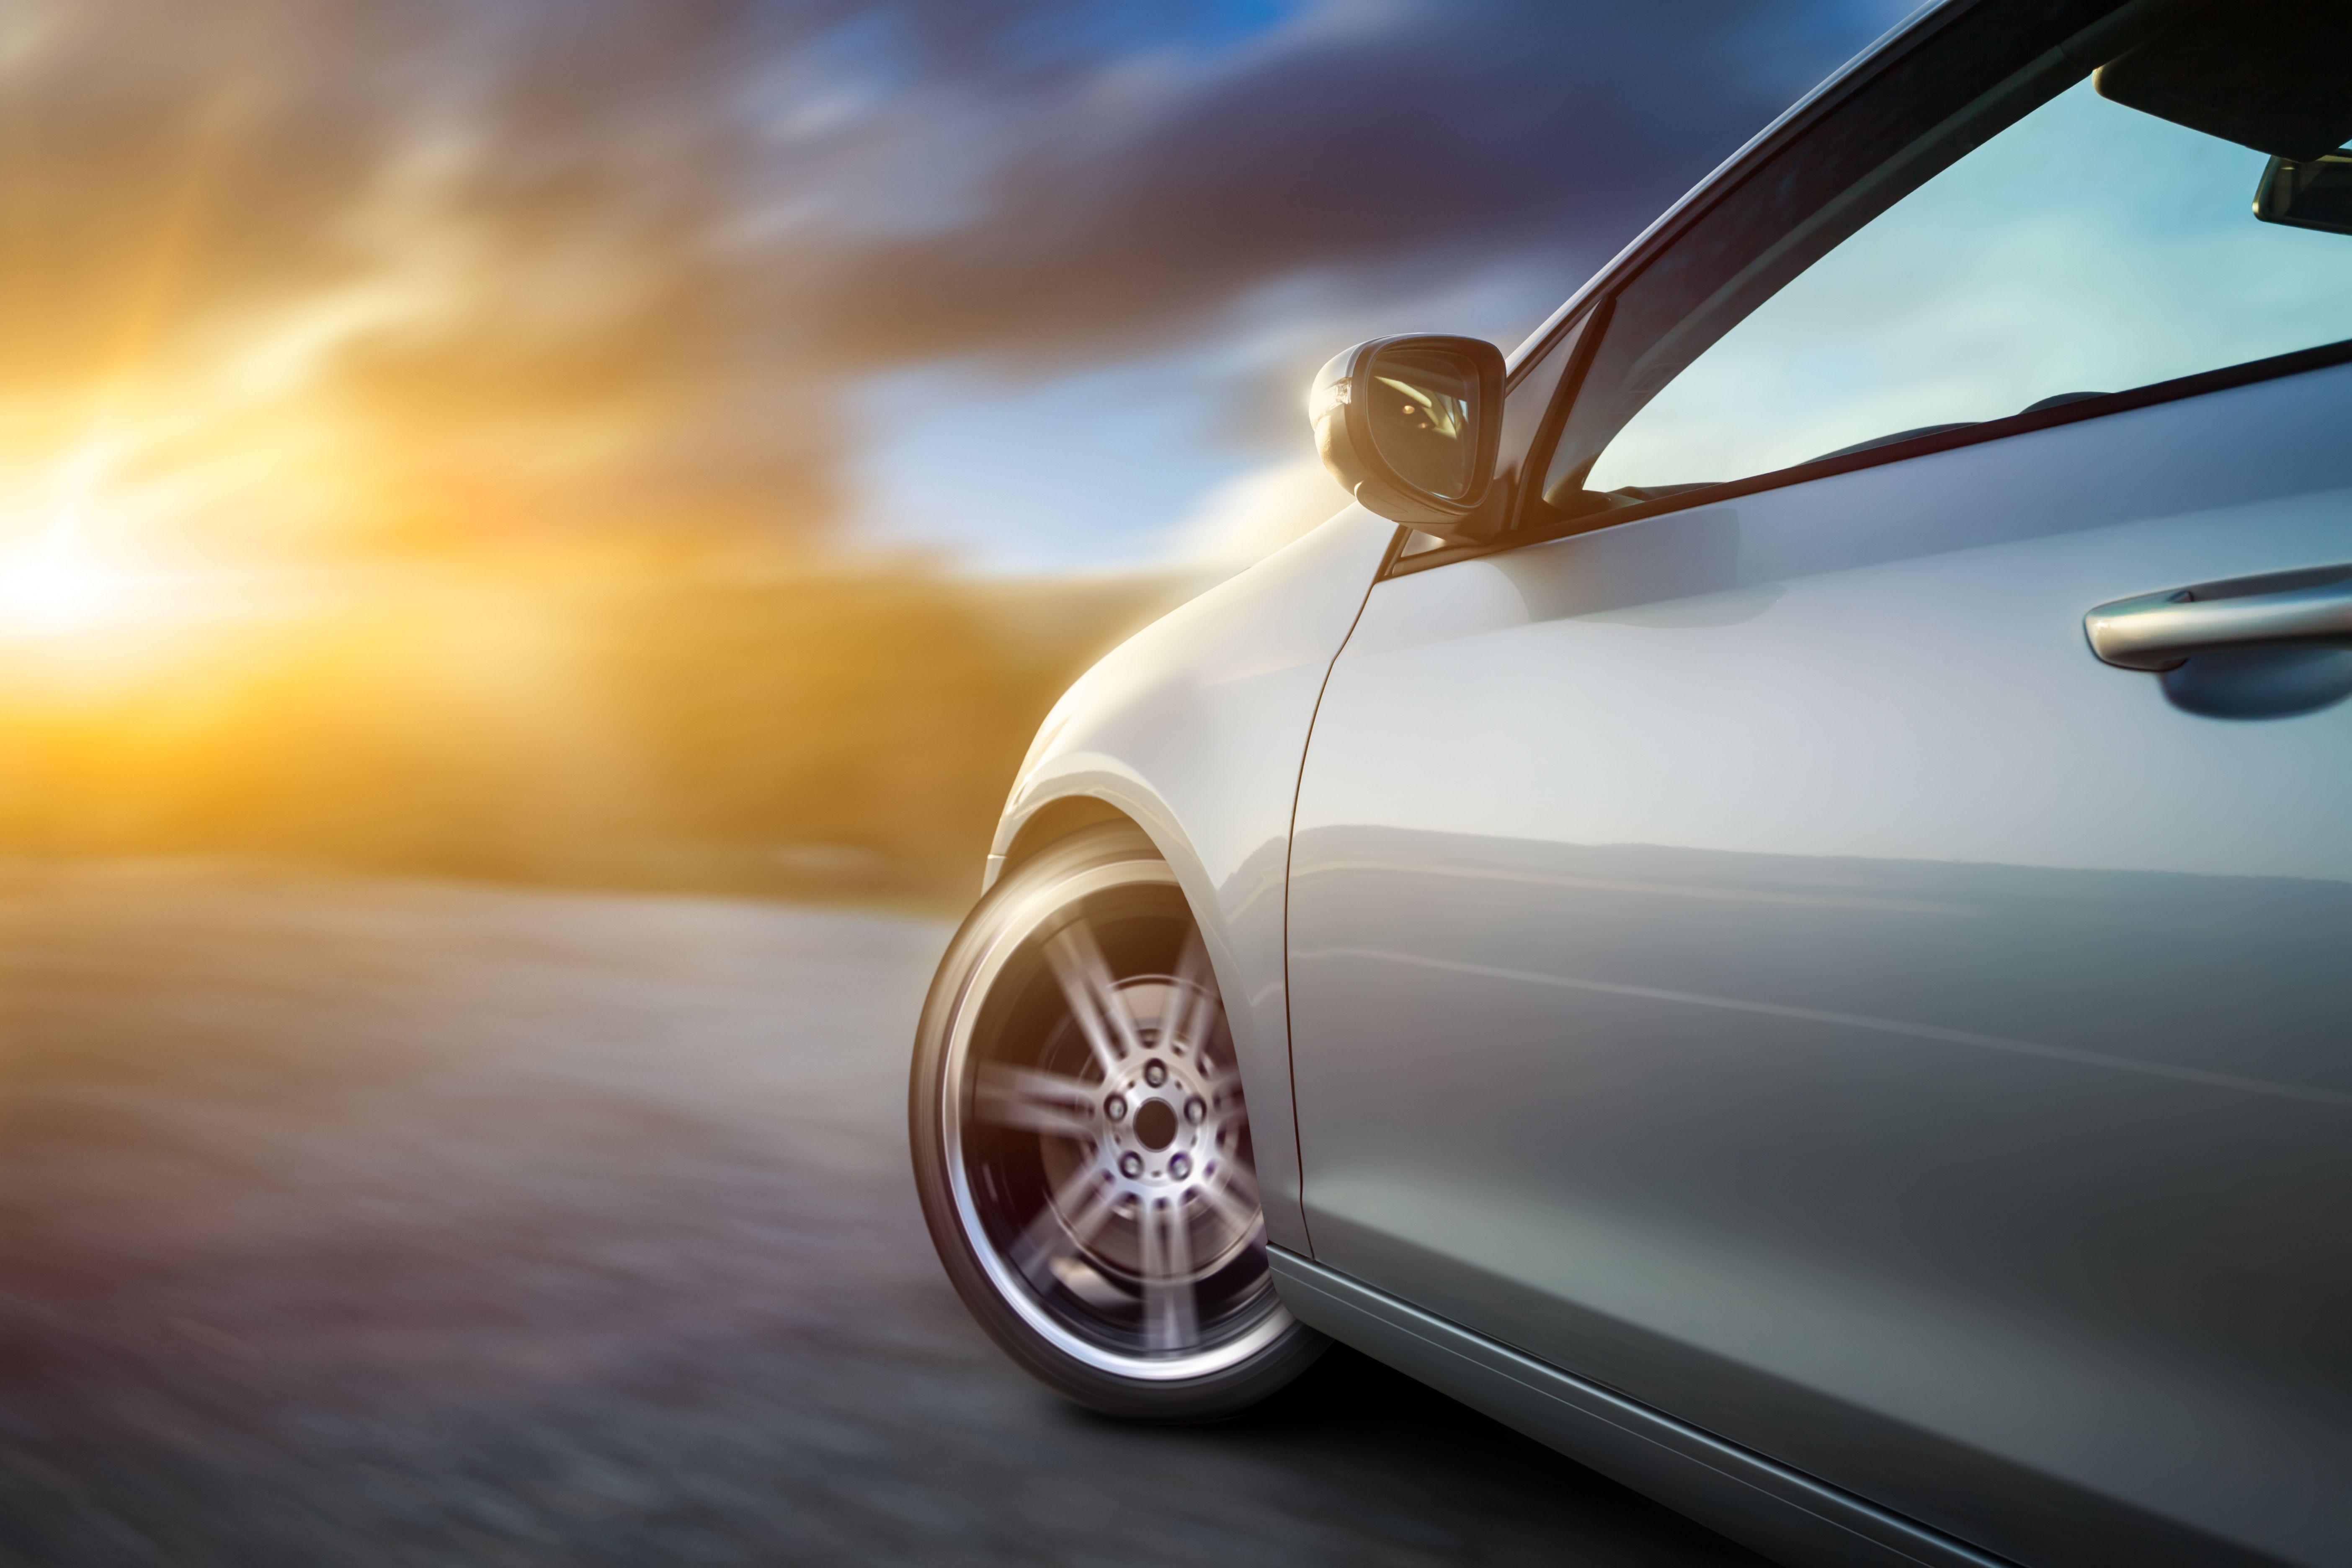 Puntos de carga para vehículos eléctricos: NUESTROS SERVICIOS  de ELECTRONIETO